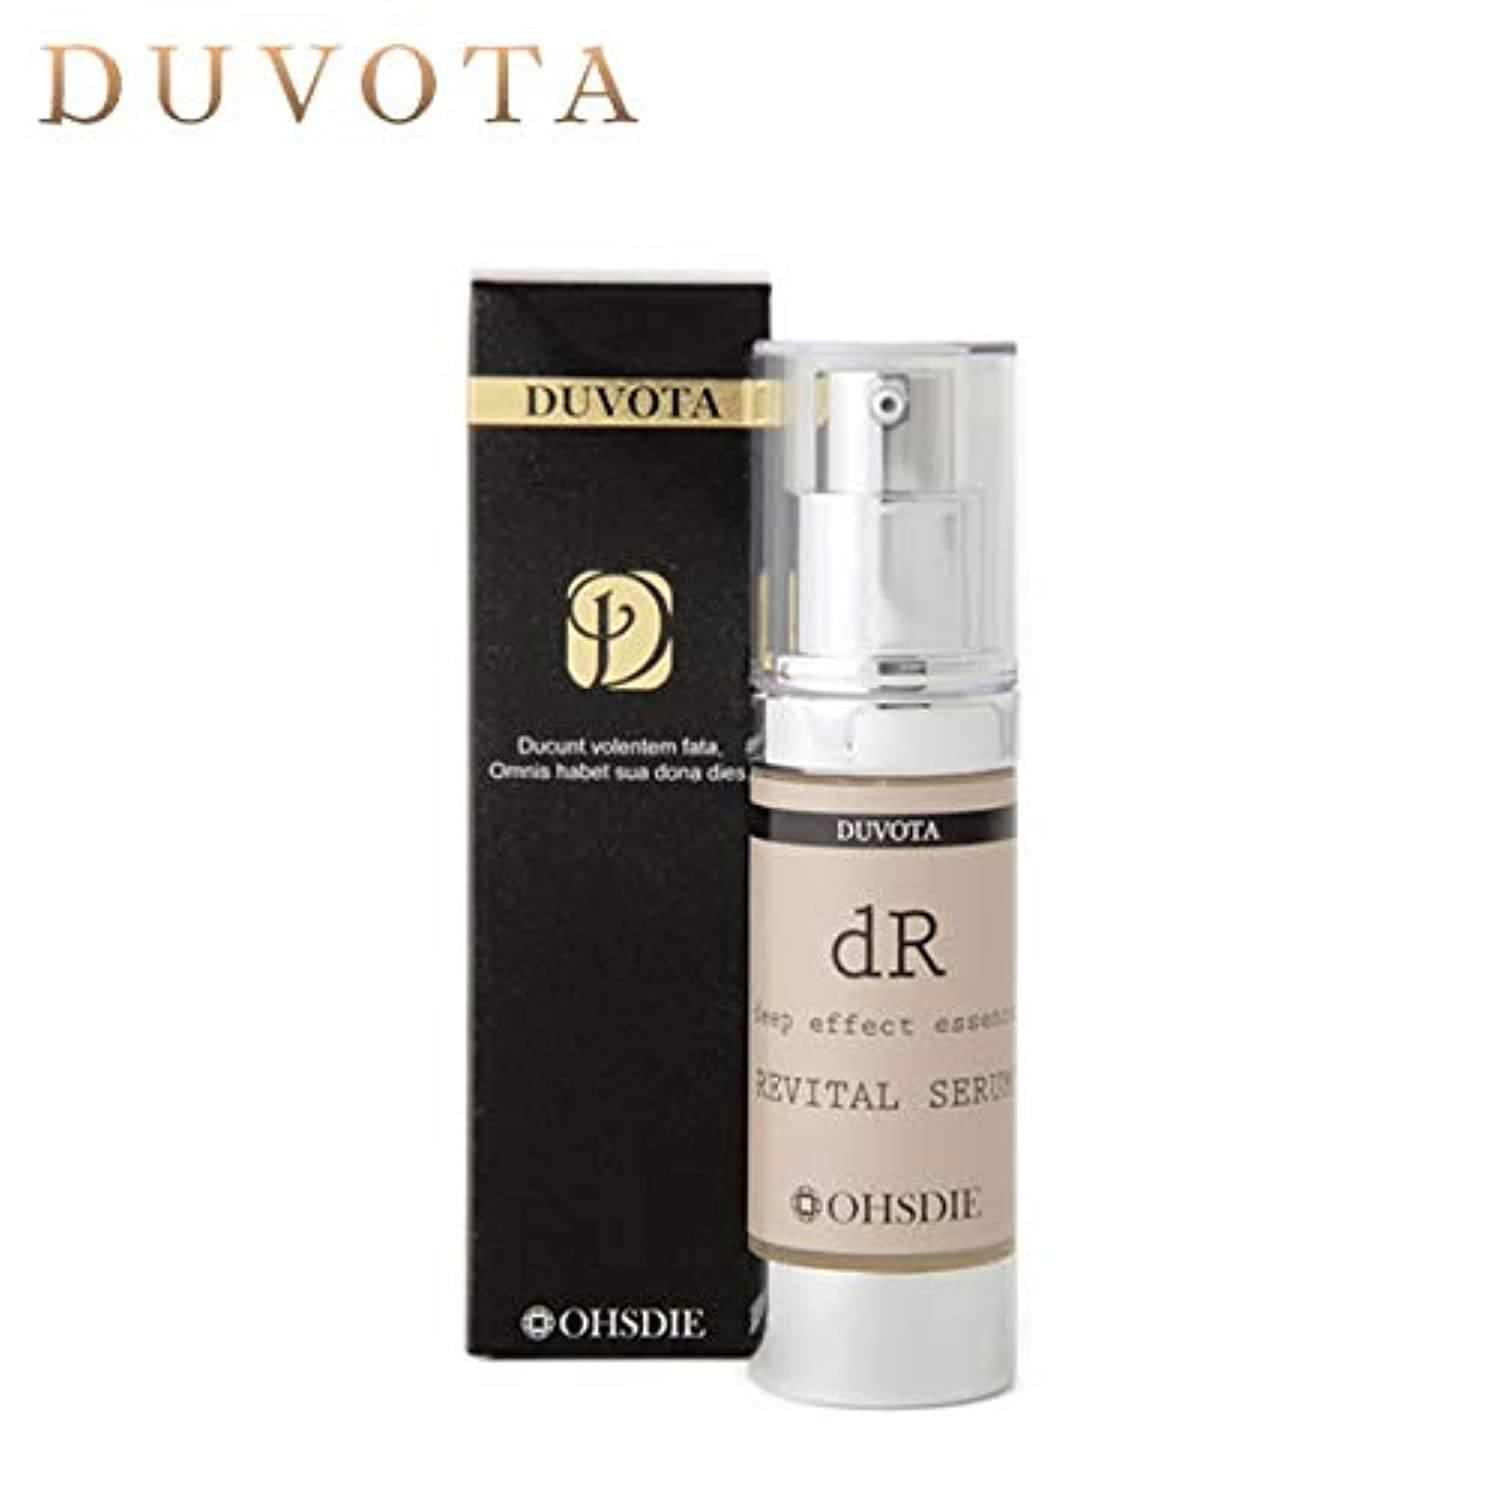 スコア降ろすカールEGF 幹細胞 美容液 DUVOTA(ドゥボータ)ディープエフェクトエッセンスDリバイタルセラム 30ml / 馬プラセンタ ナールスゲン エレクトロポーション導入 エクラフレーズ 美顔器 リフトアップ 敏感肌 おすすめ